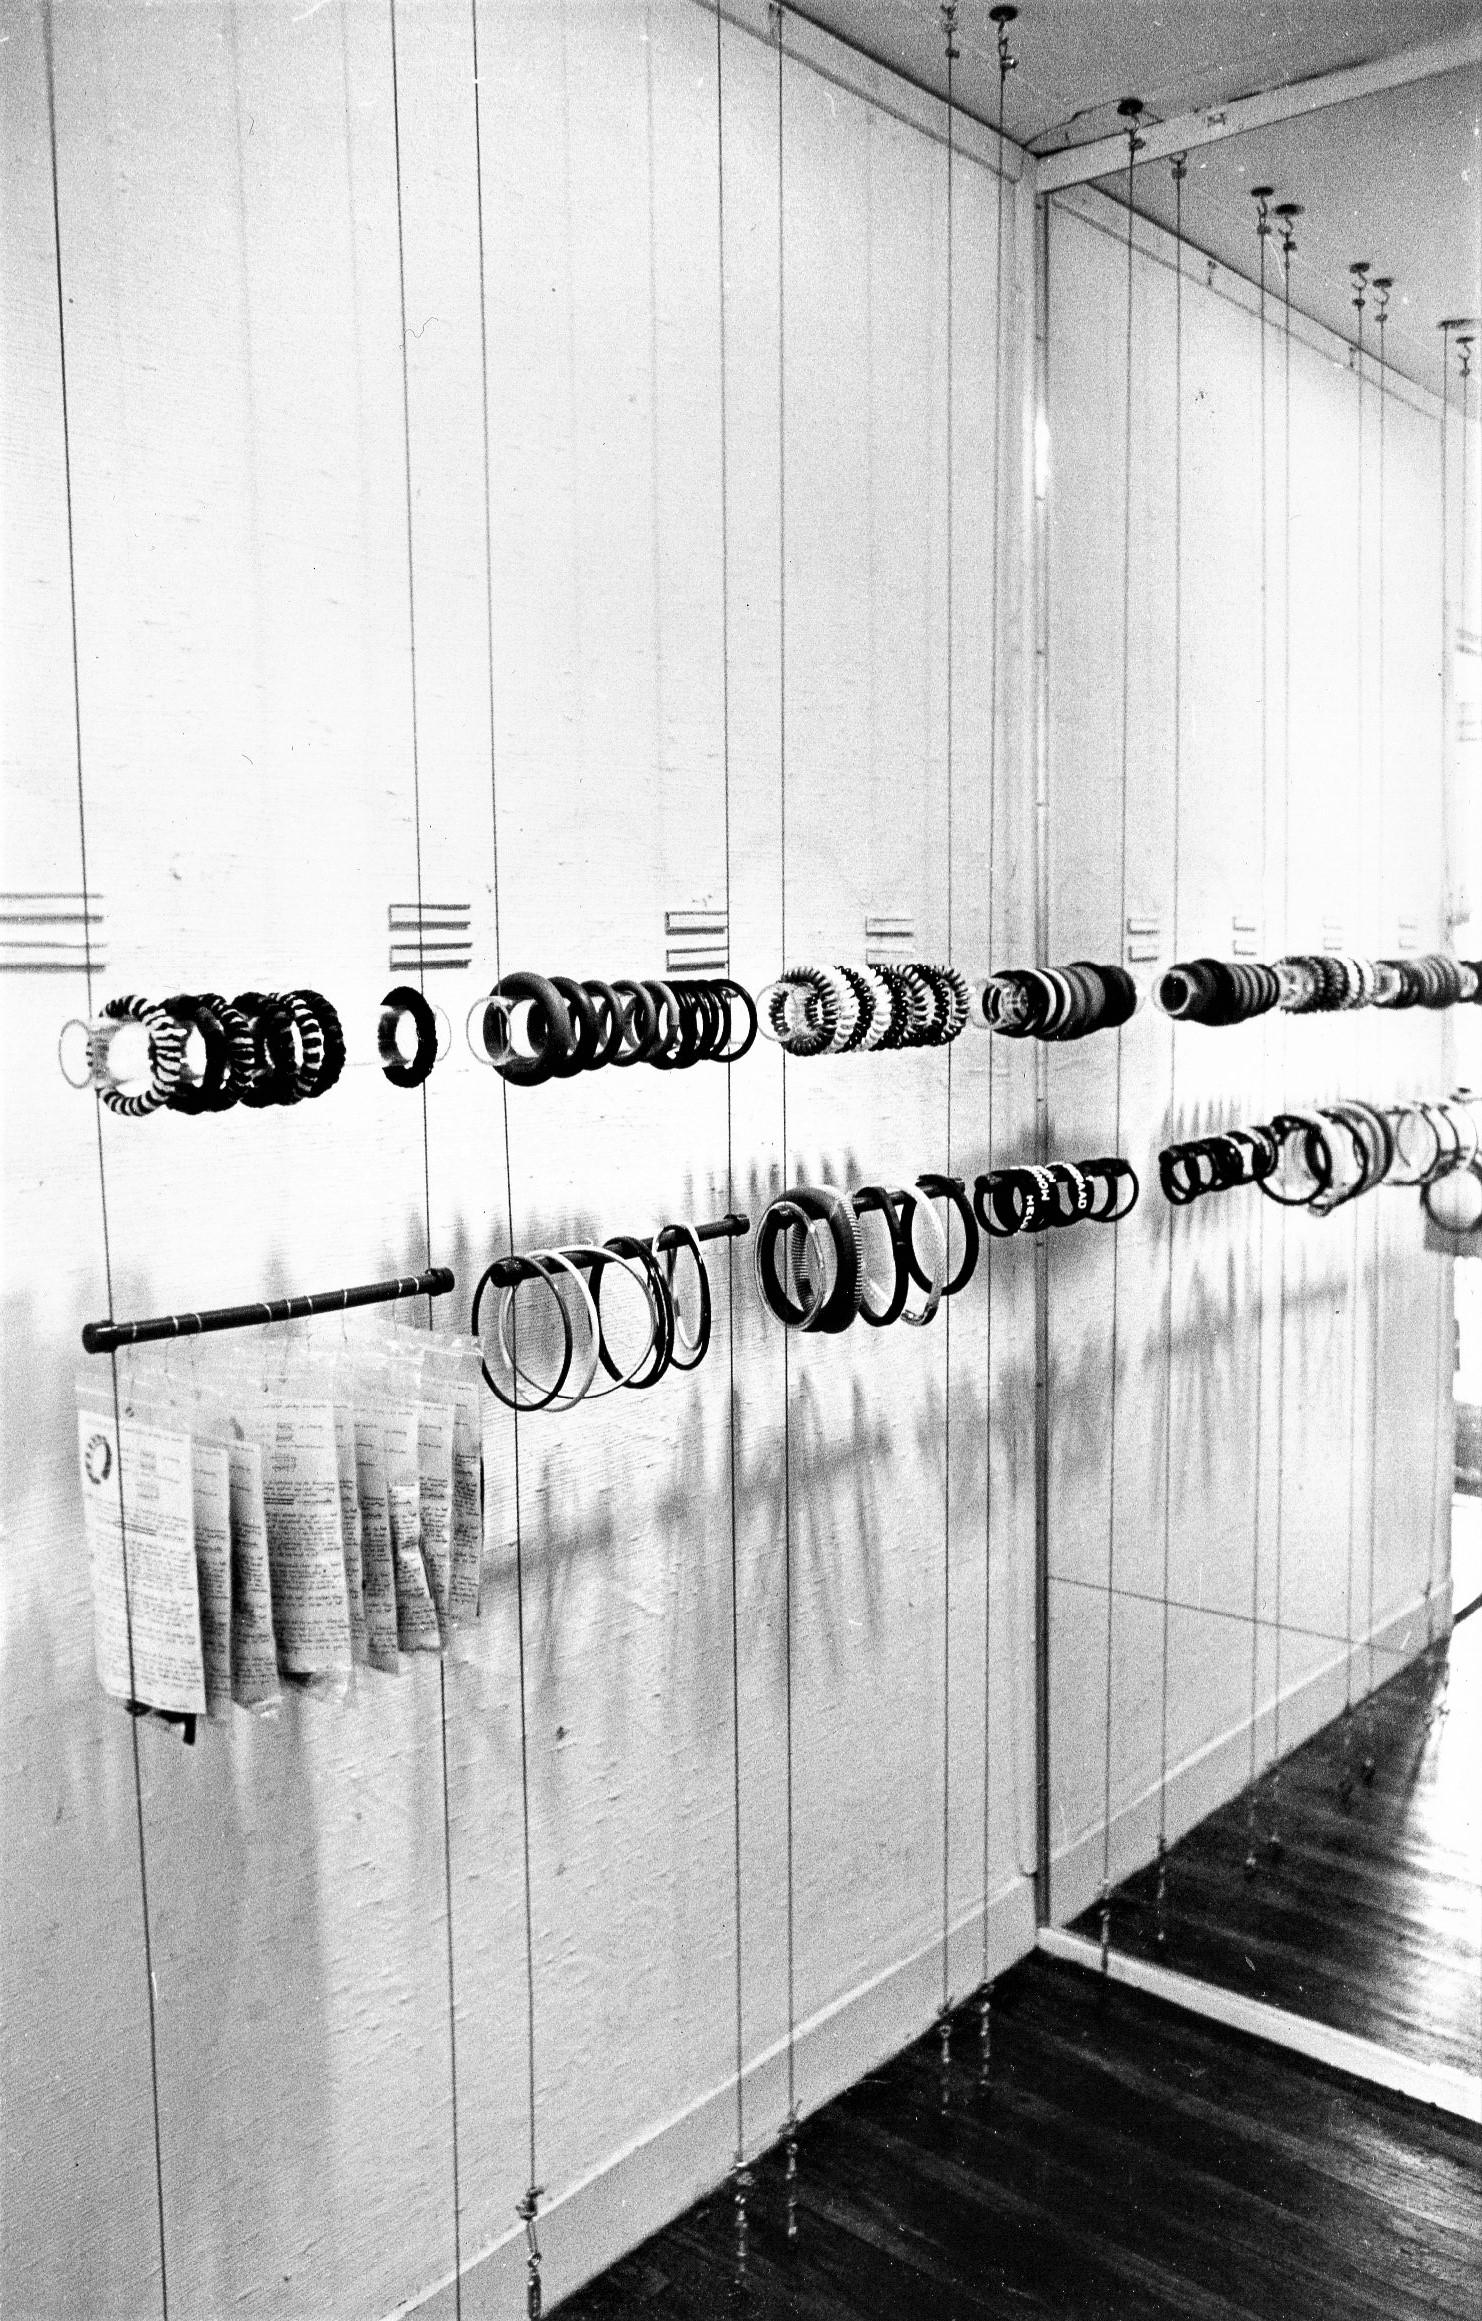 Galerie Sierraad, Serie Sieraad, armband, halssieraad, Lous Martin